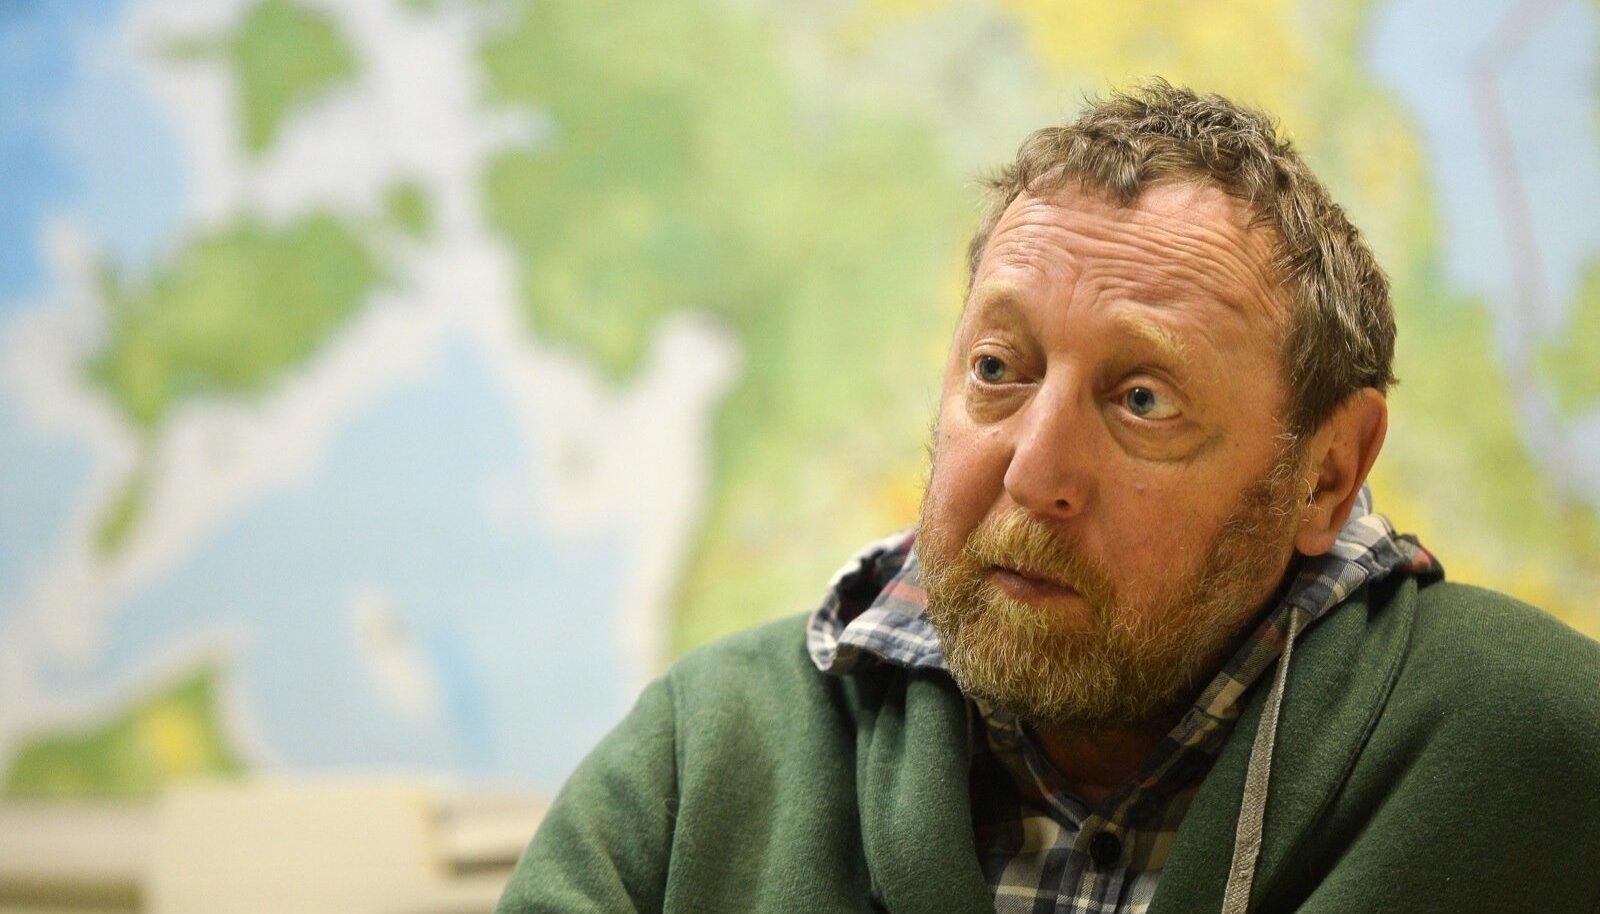 Valdur Lahtvee ütleb, et süsinikuheite vähenemist pole loota, kunime jätkame aastas 20 miljonitonnipõlevkivi kaevandamist.